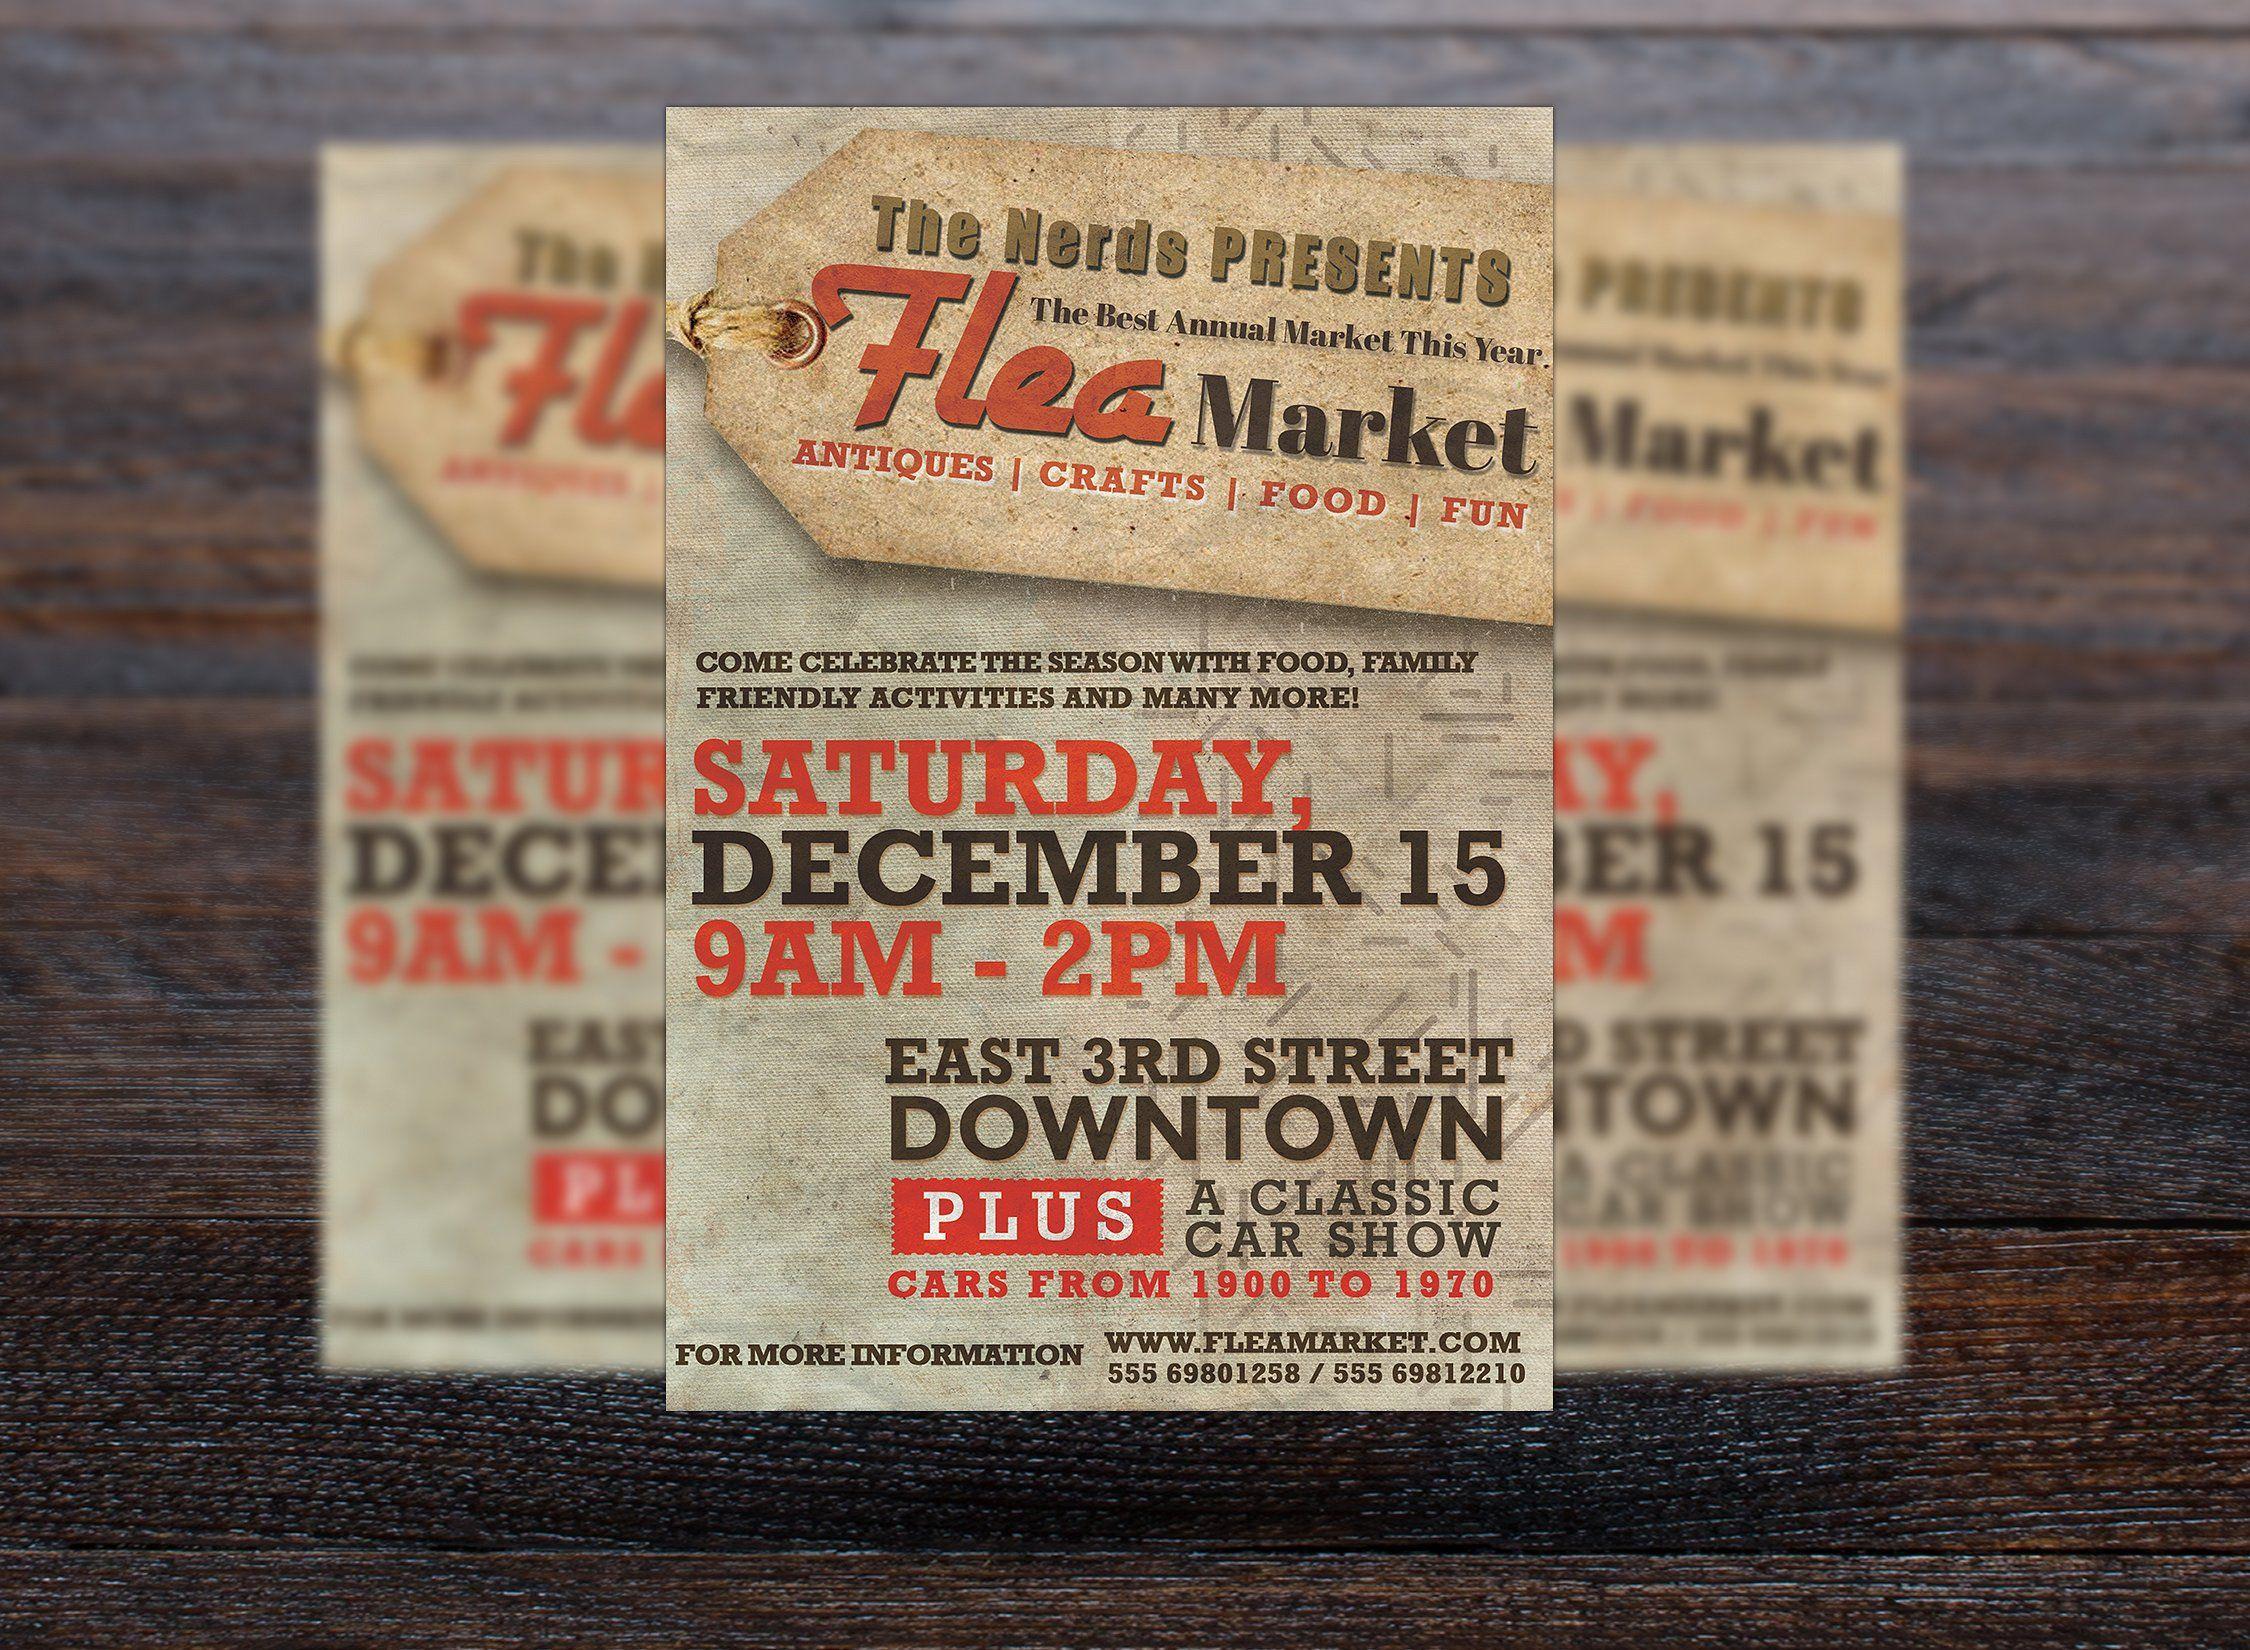 Flea Market Flyer Flyer Size Flyer Flyer Template Flea market flyer template free